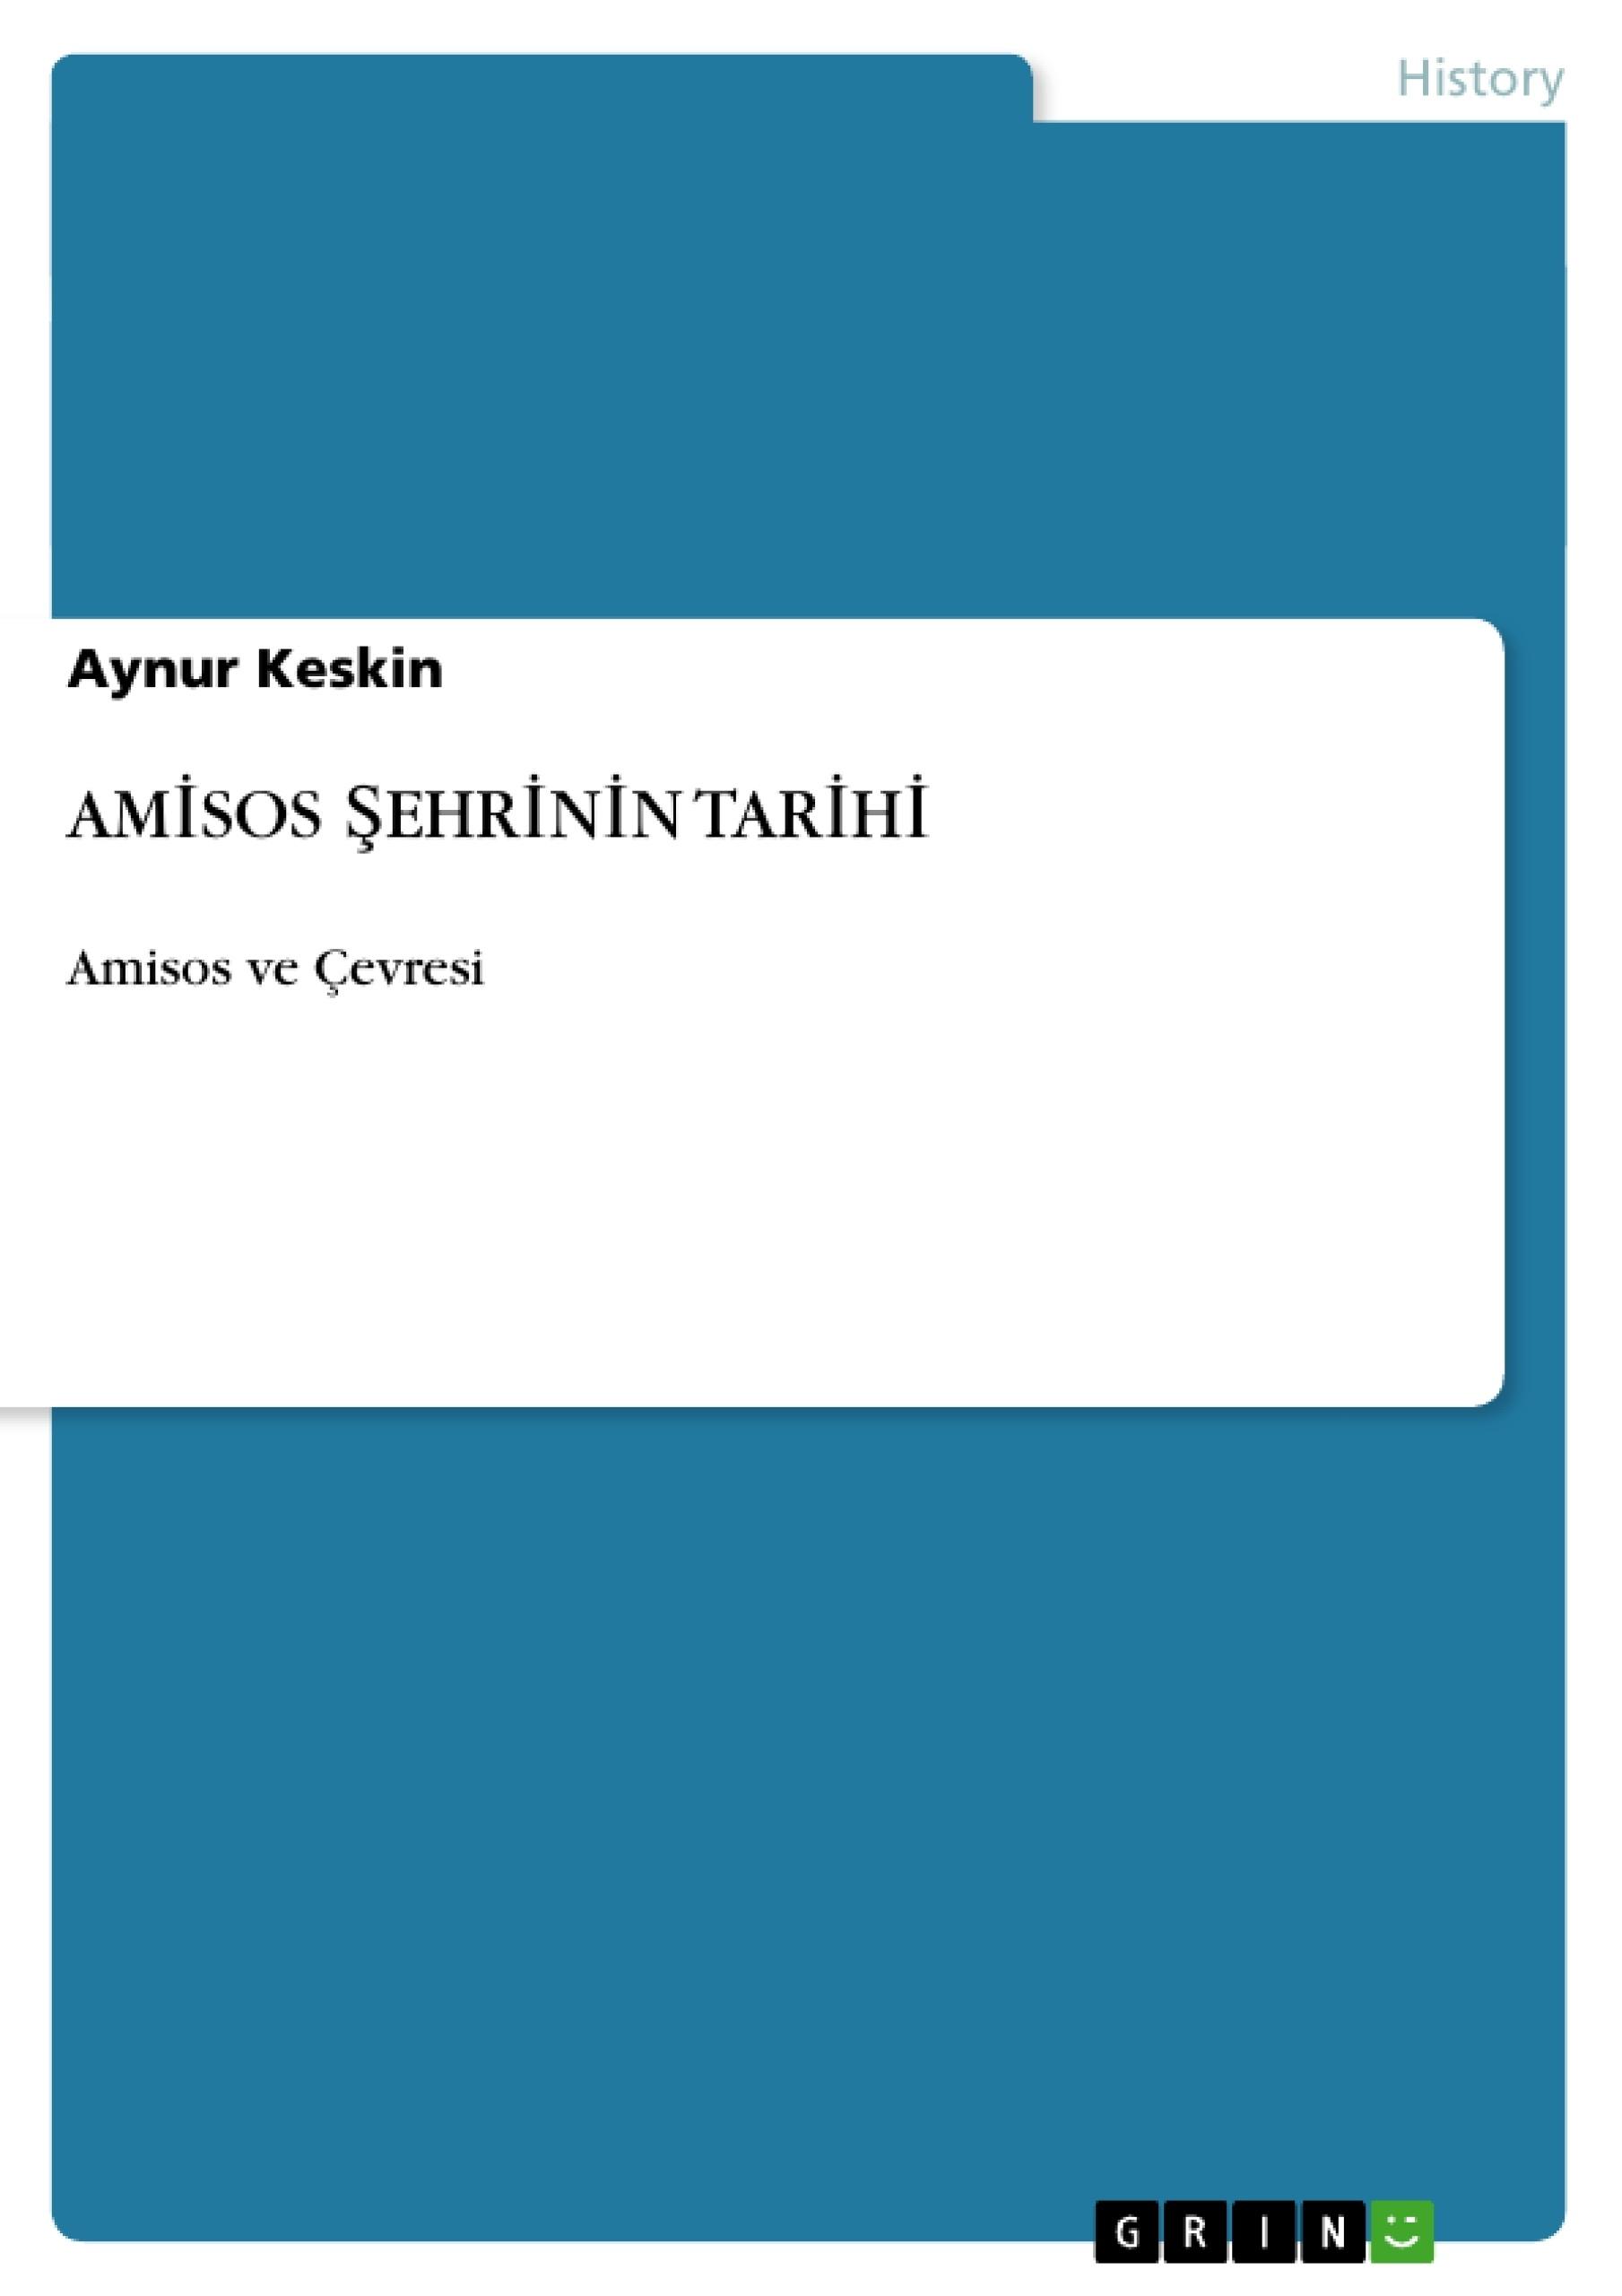 Herodot Tarihi Ebook Download